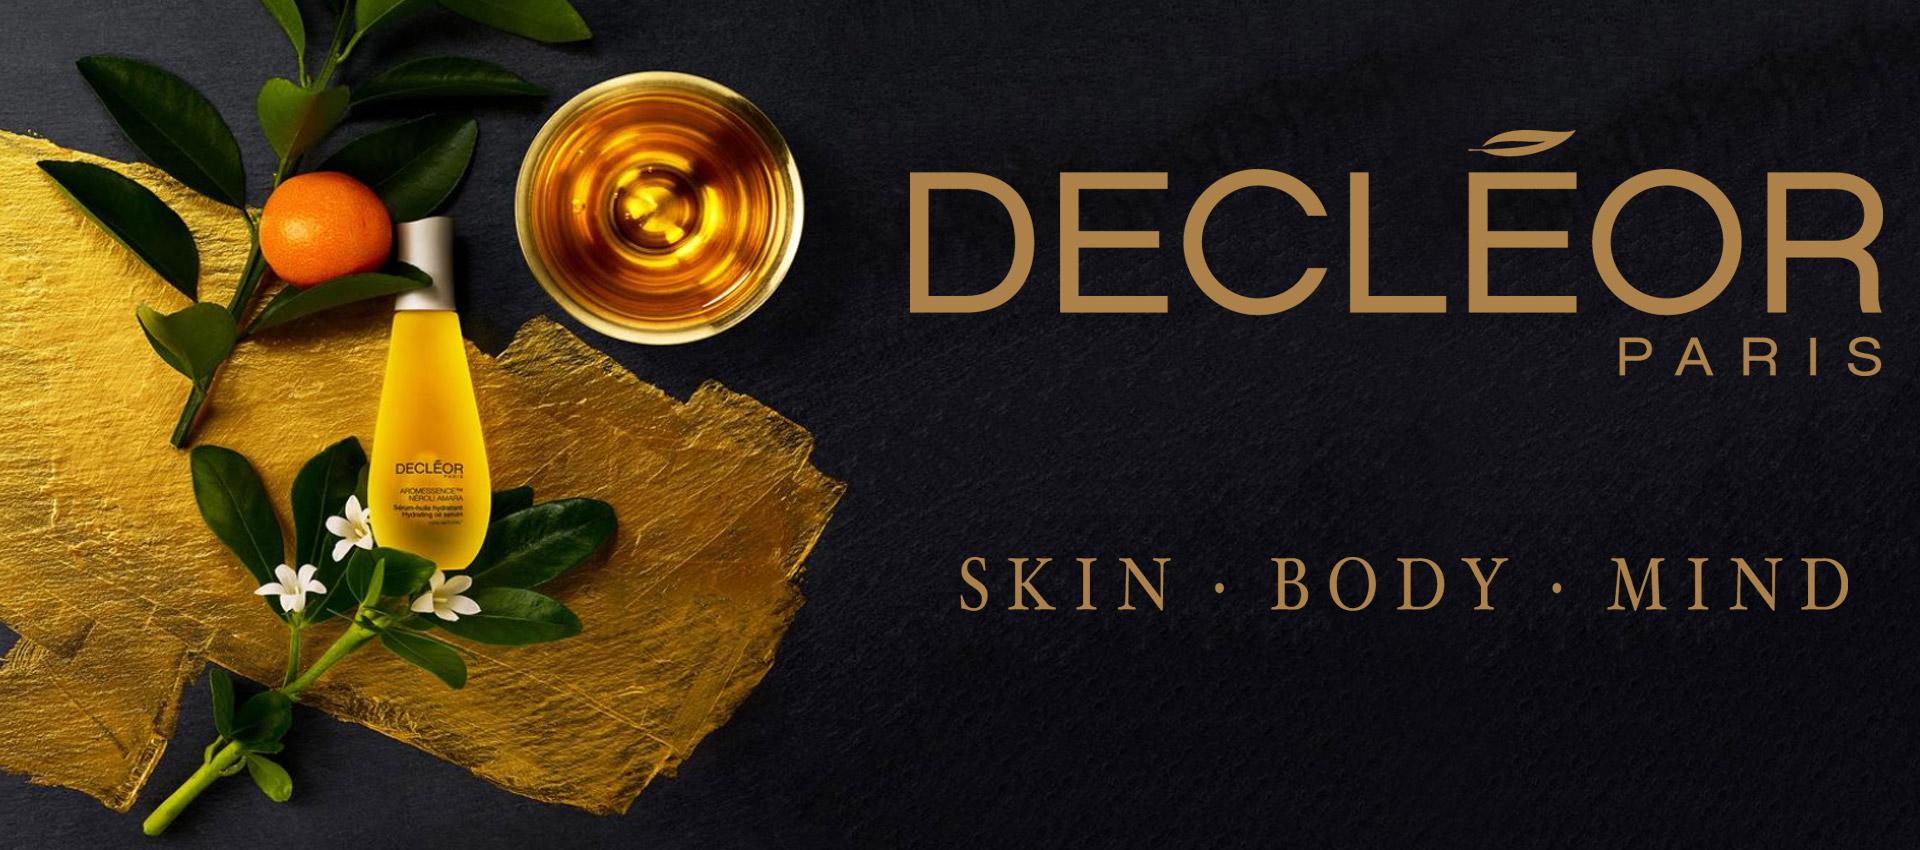 decleor-new-banner.jpg